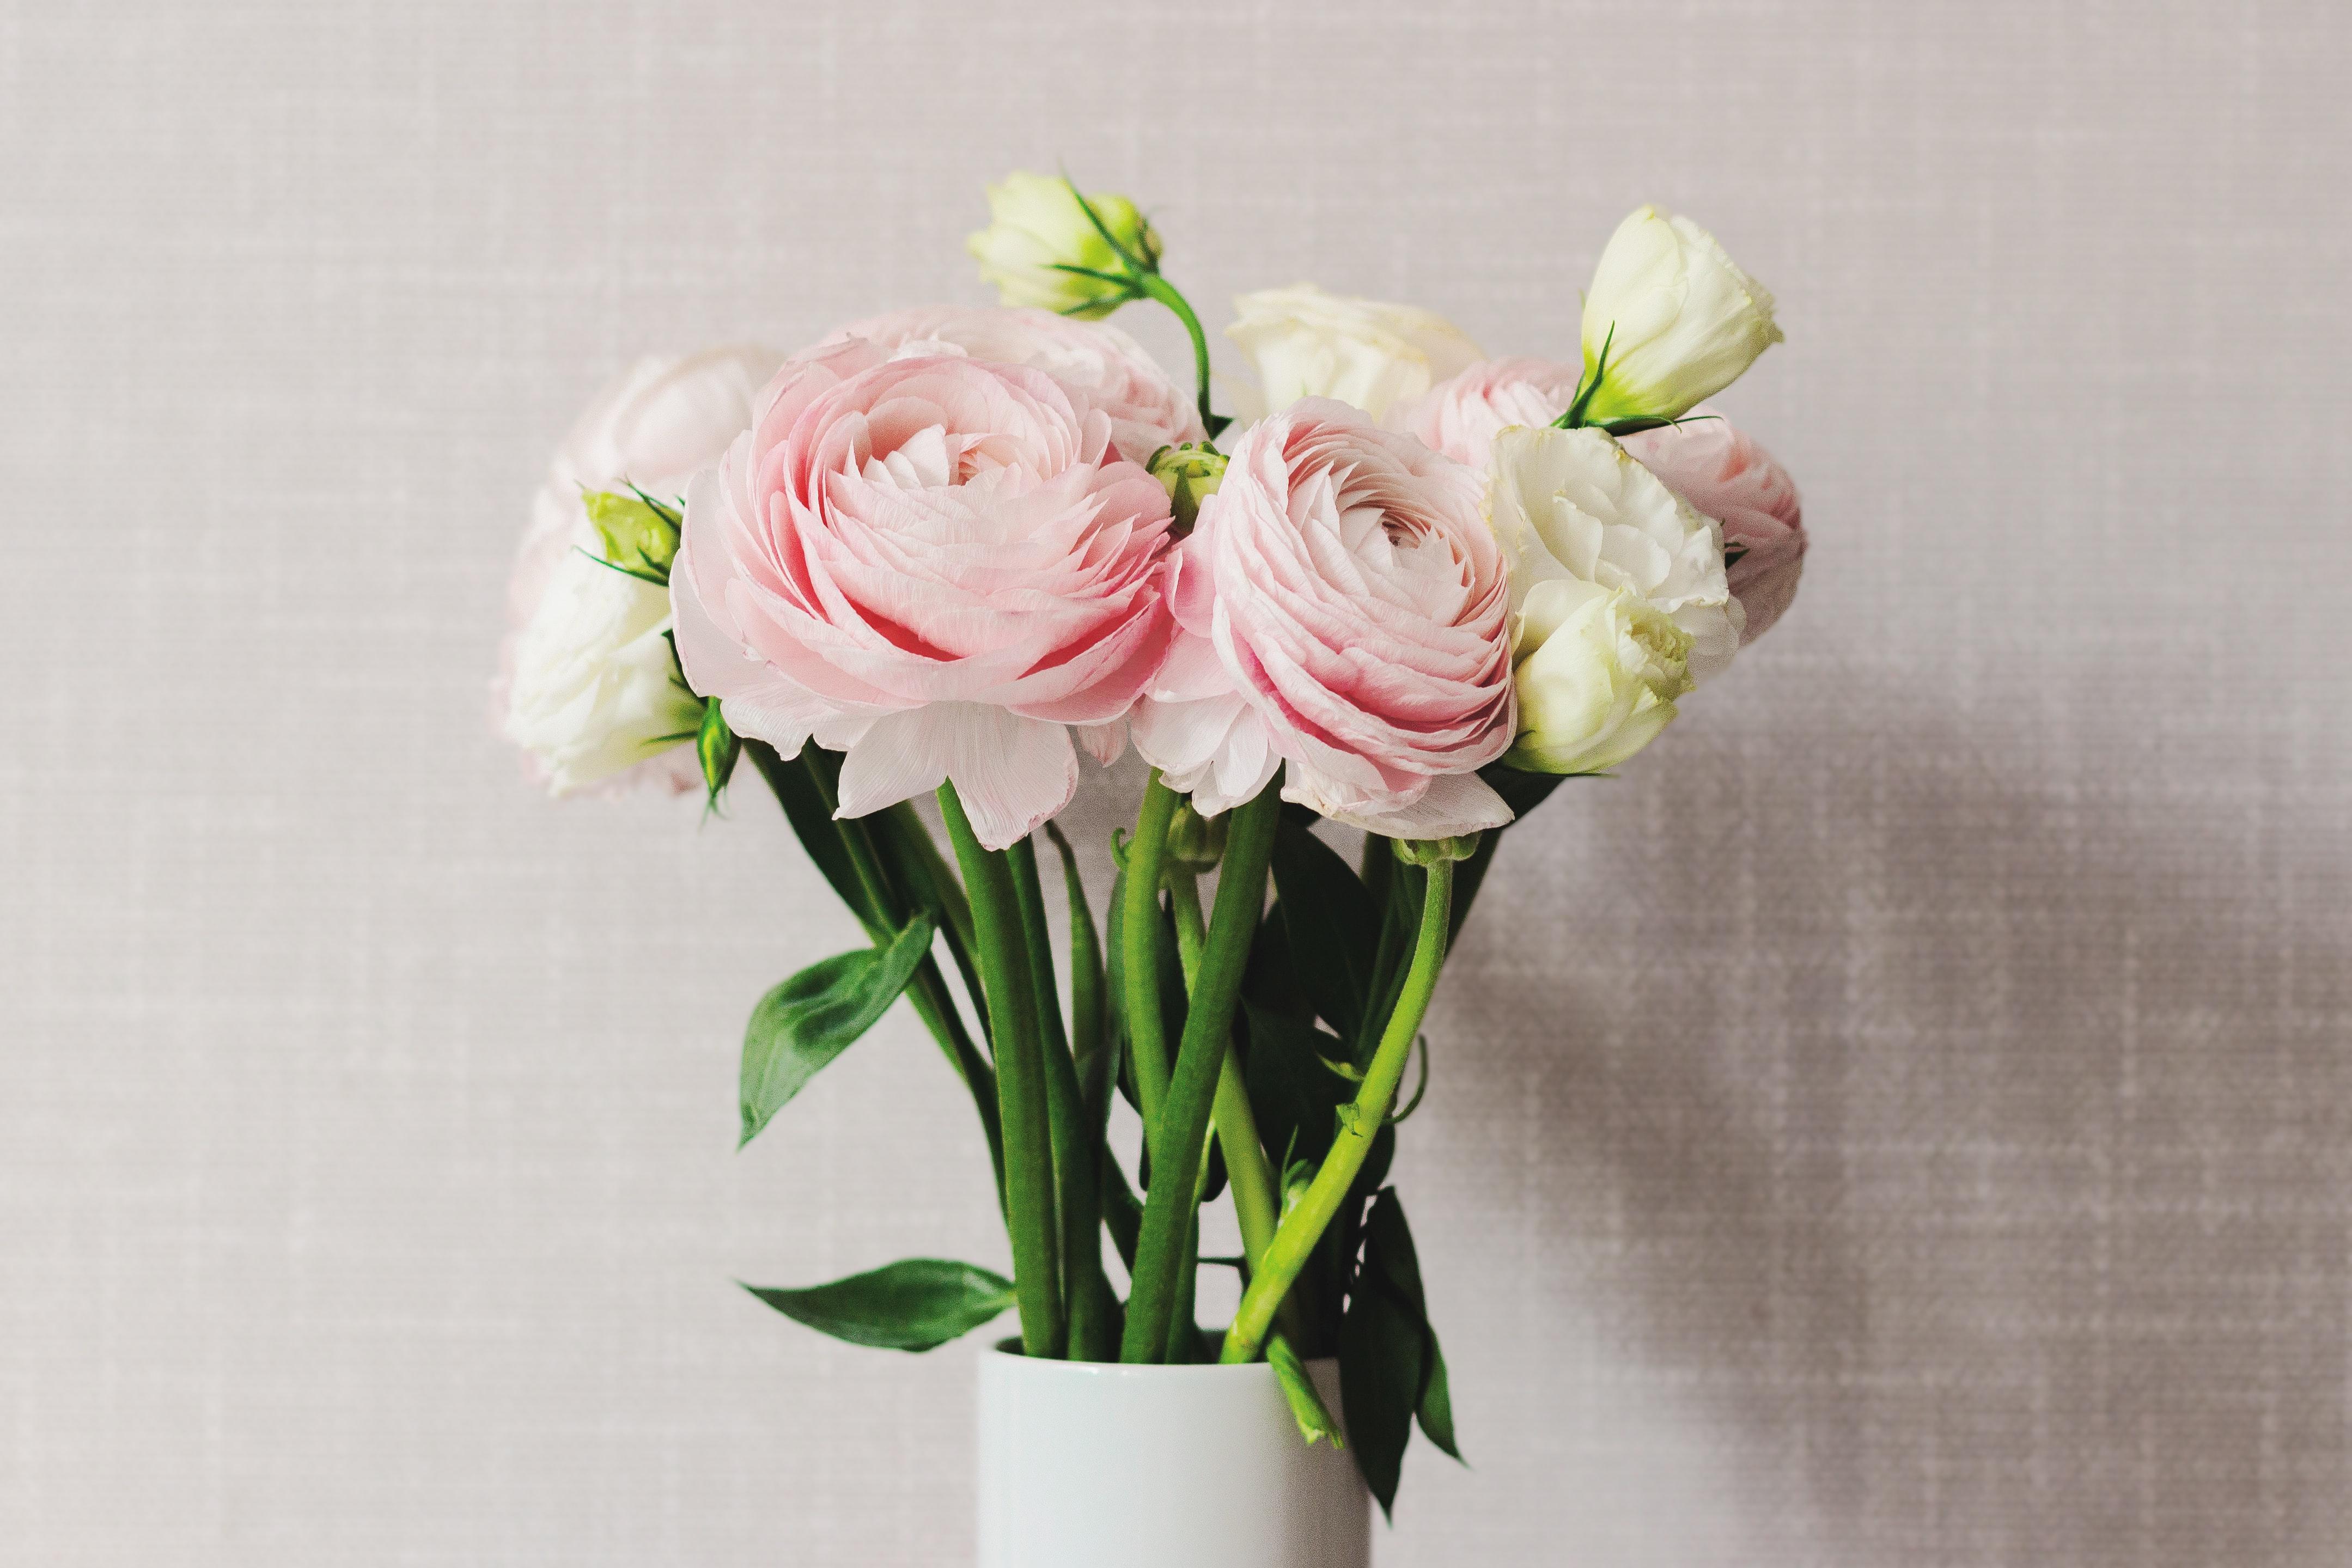 在宅ワークが多くっているいま、ホッと一息つきたいときに、お花の力を頼ってみてはいかがでしょう。ラナンキュラスは明るい色のものが多数あり、ワークデスクの隅に置いておけばきっと元気をもらえるはず。